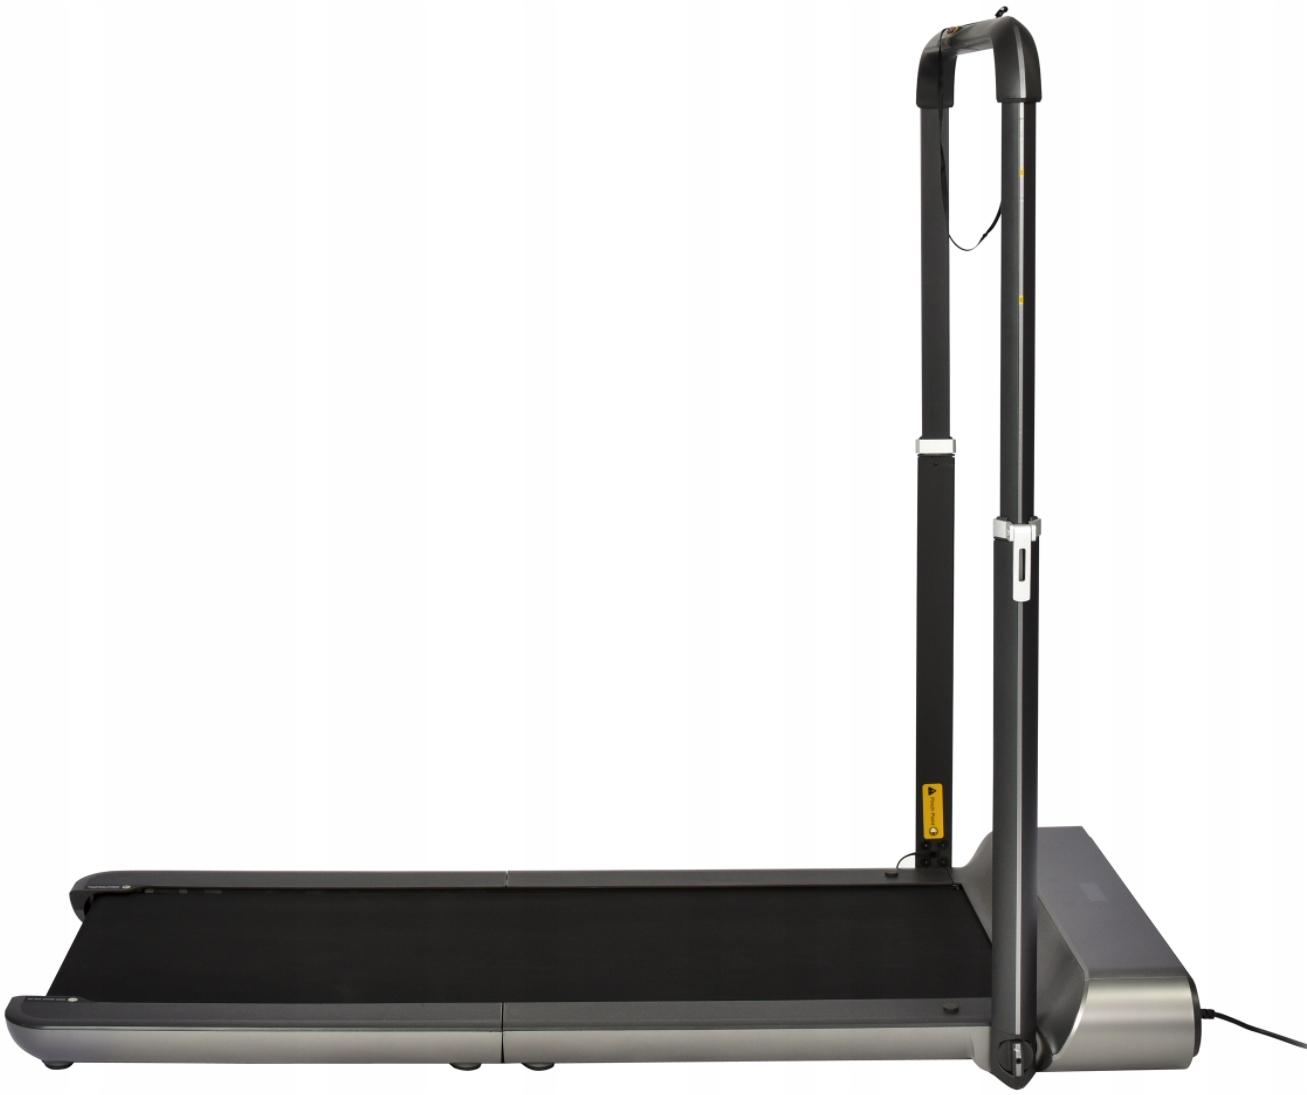 Bieżnia elektryczna Xiaomi WalkingPad R1Pro 10km/h Model R1Pro